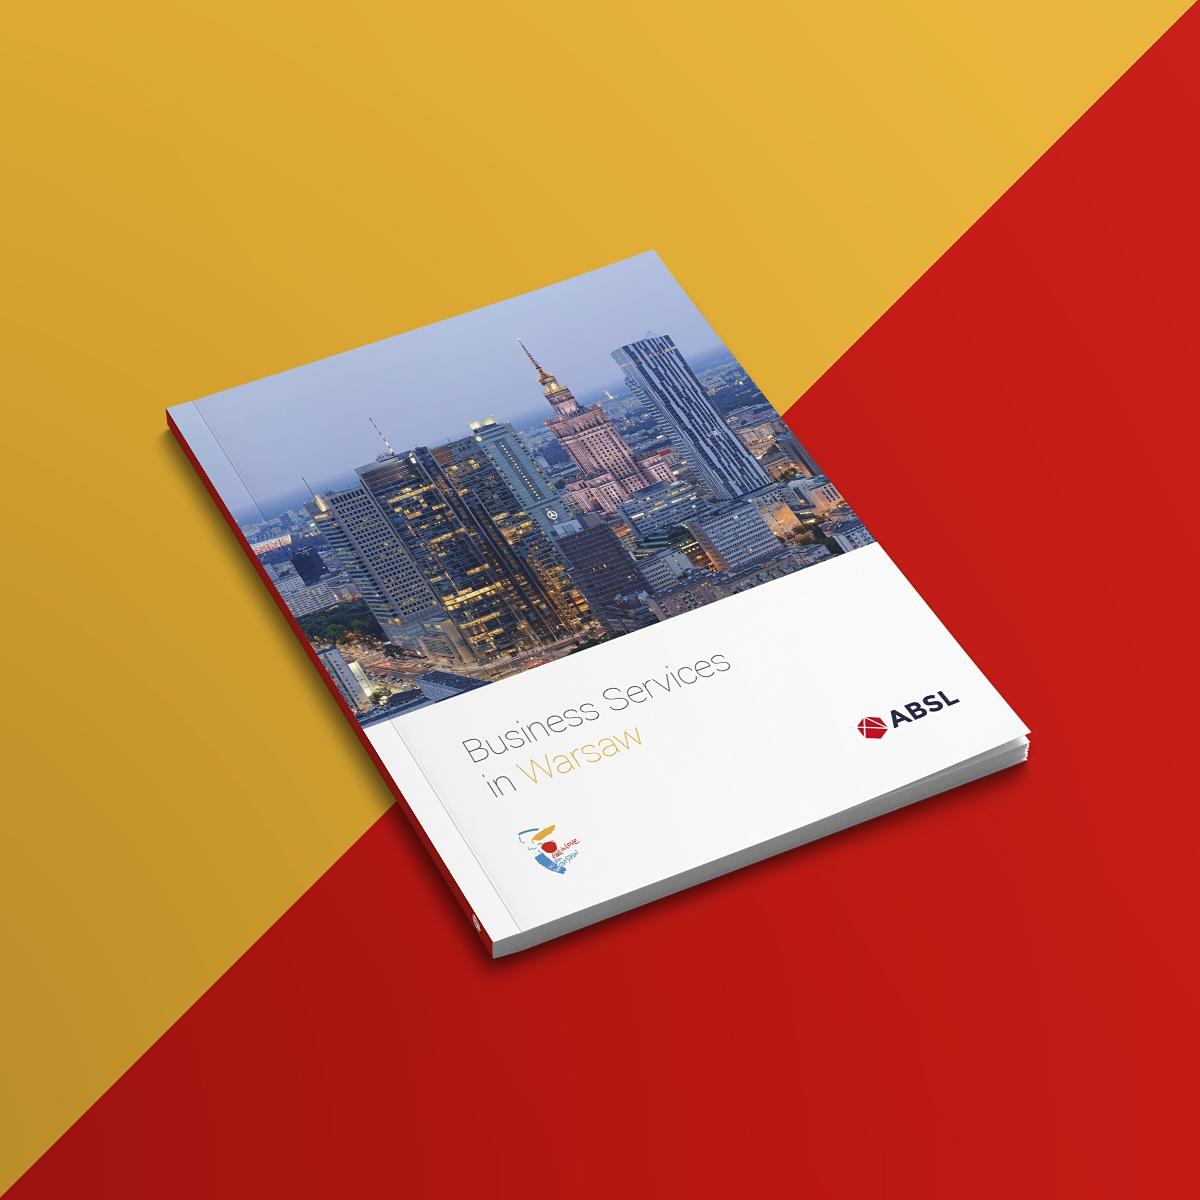 Usługi biznesowe w Warszawie - projekt graficzny raportu i skład DTP raportu